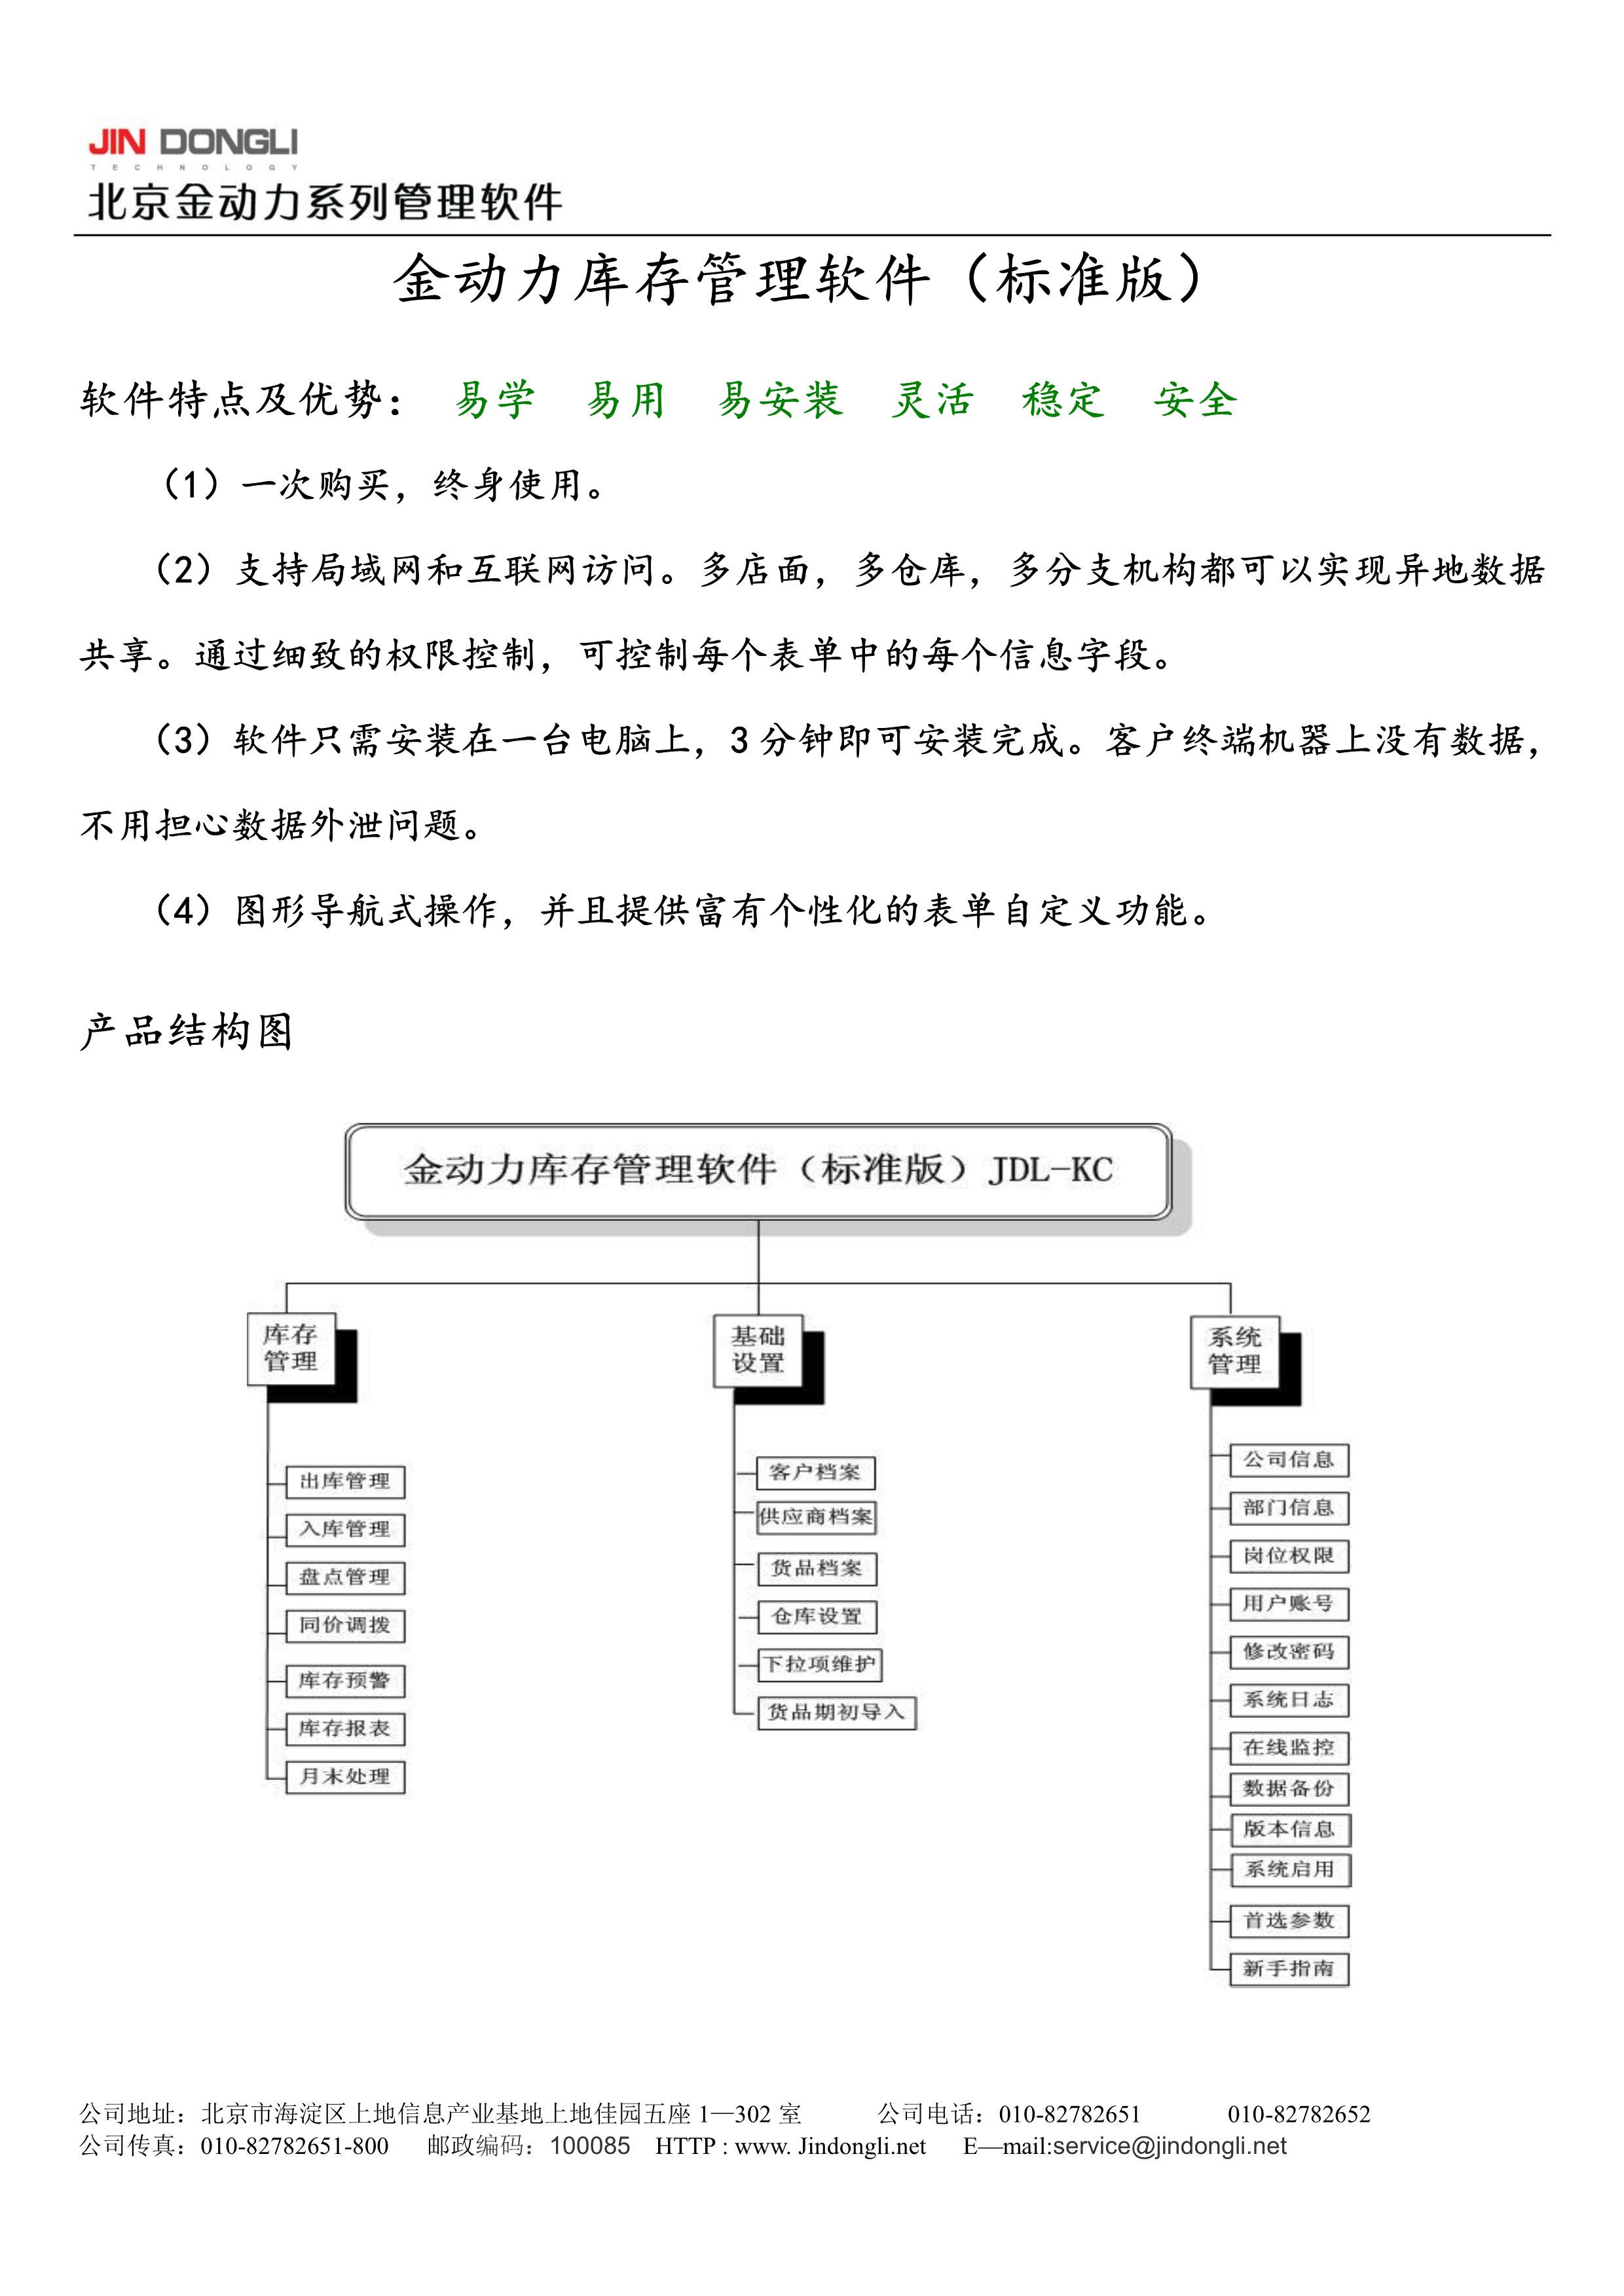 012508375695_0金动力库存管理软件产品介绍标准版_1.jpg